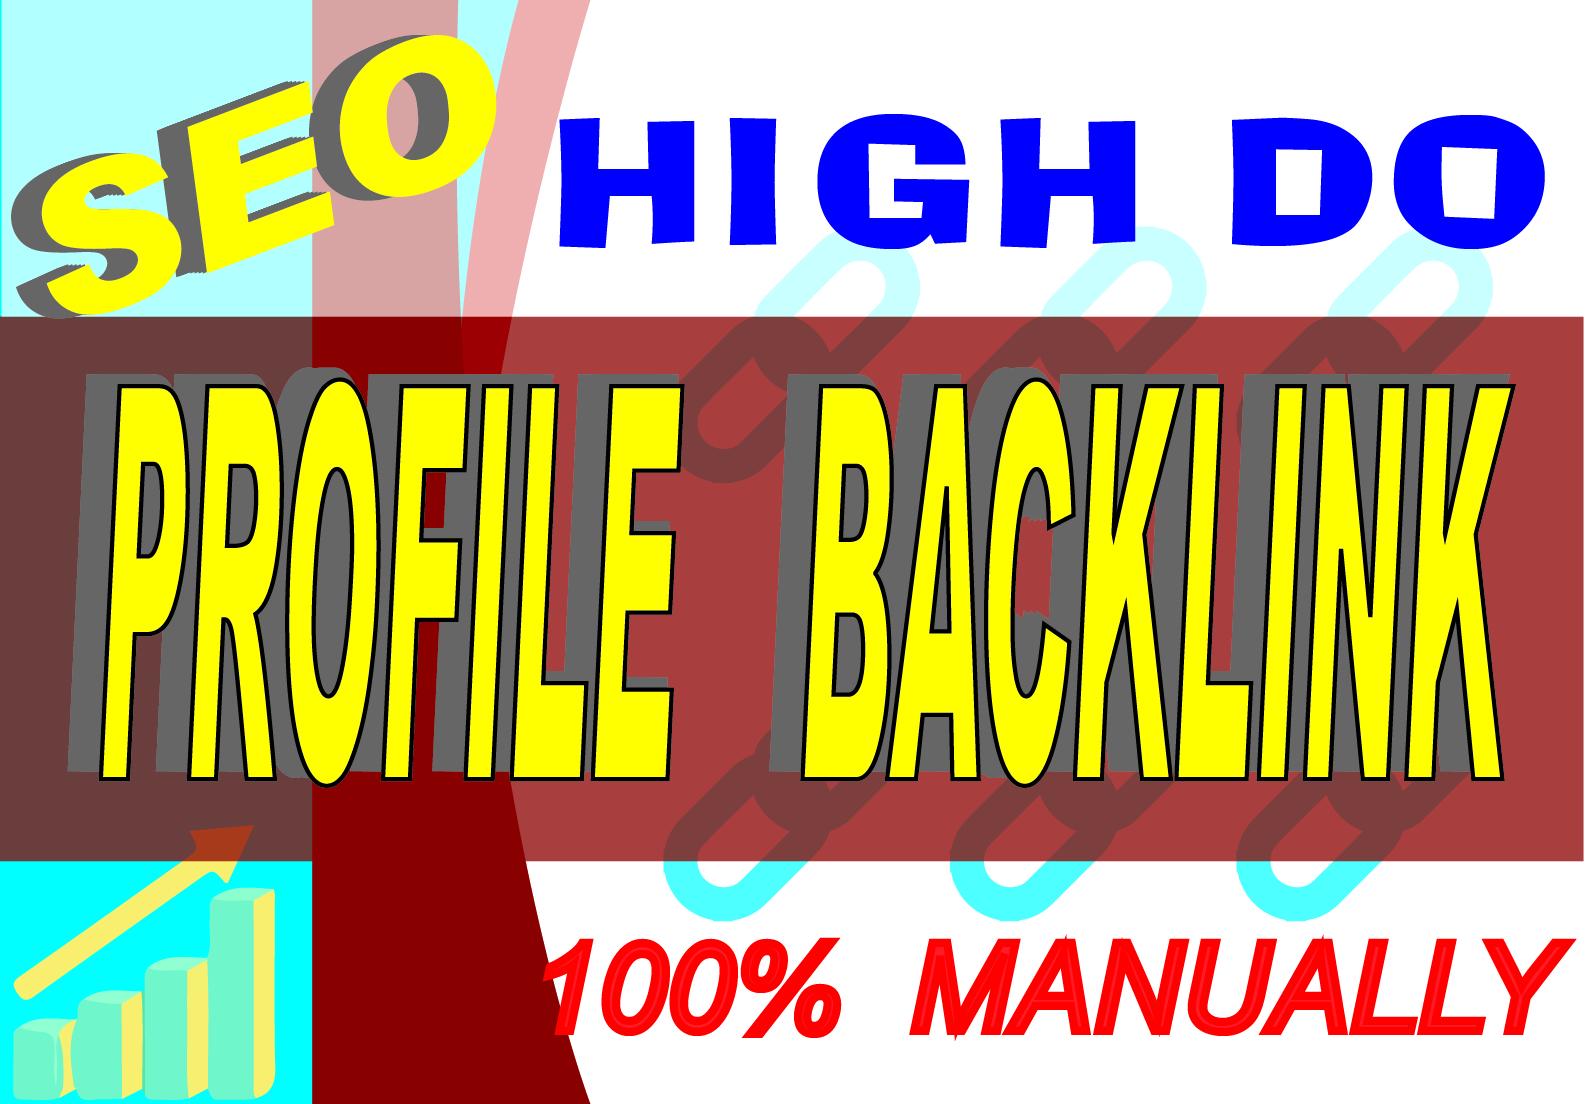 I will create 100 manually web 2.0 backlinks